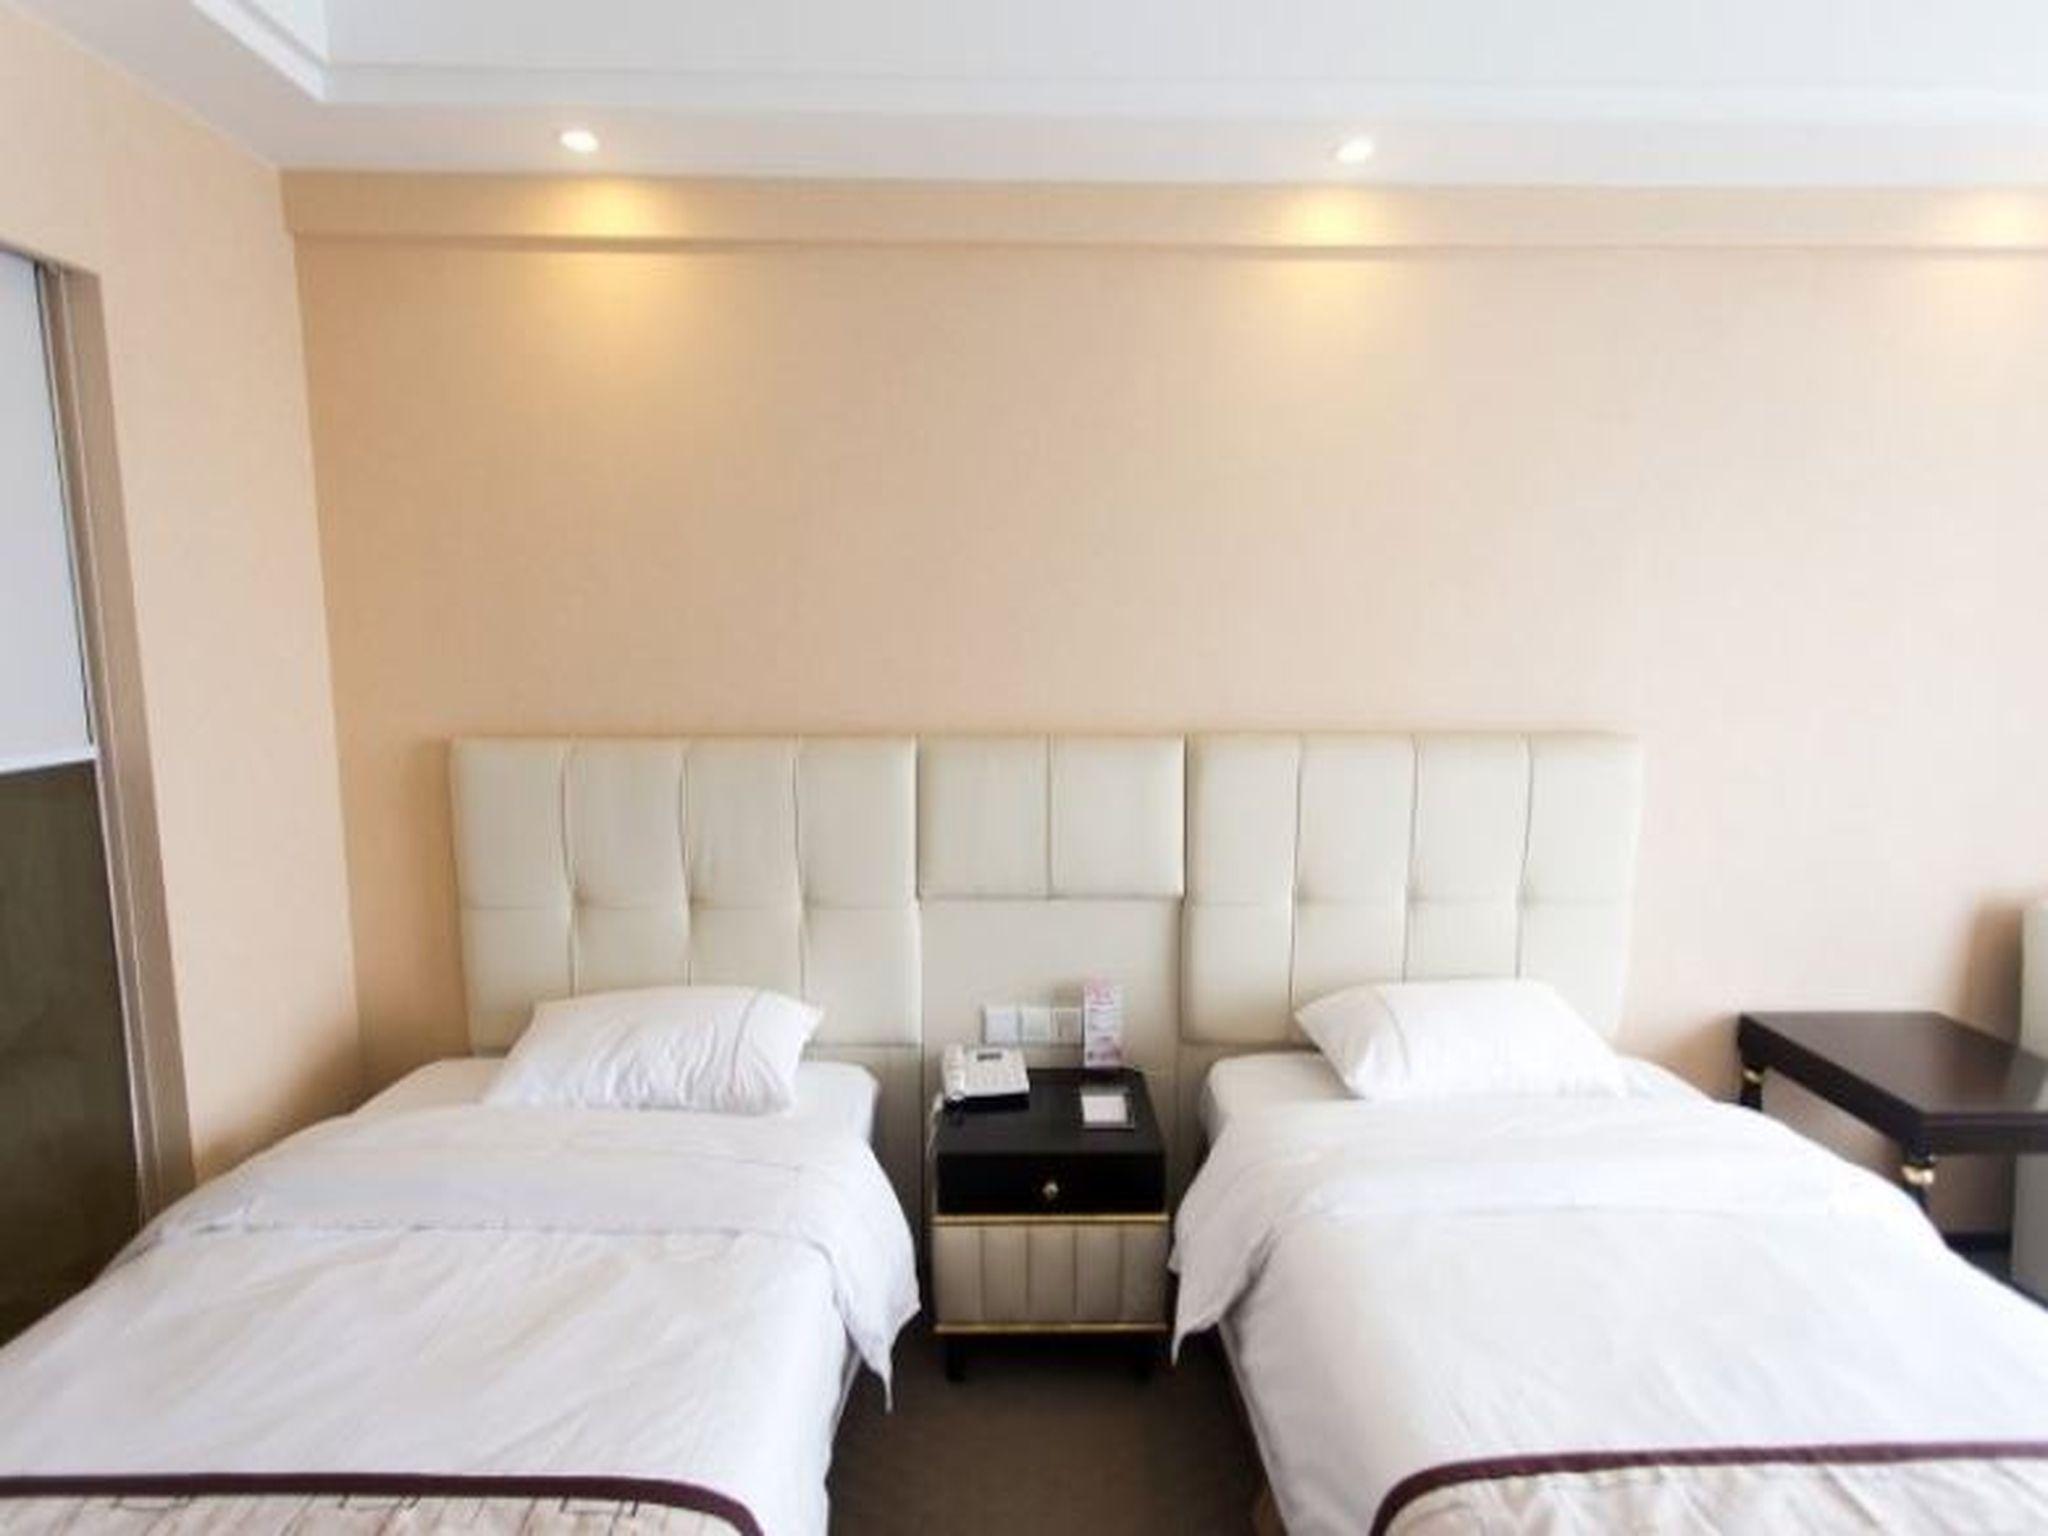 Kunshan D H Hotel Suzhou Room Rates Photos Reviews